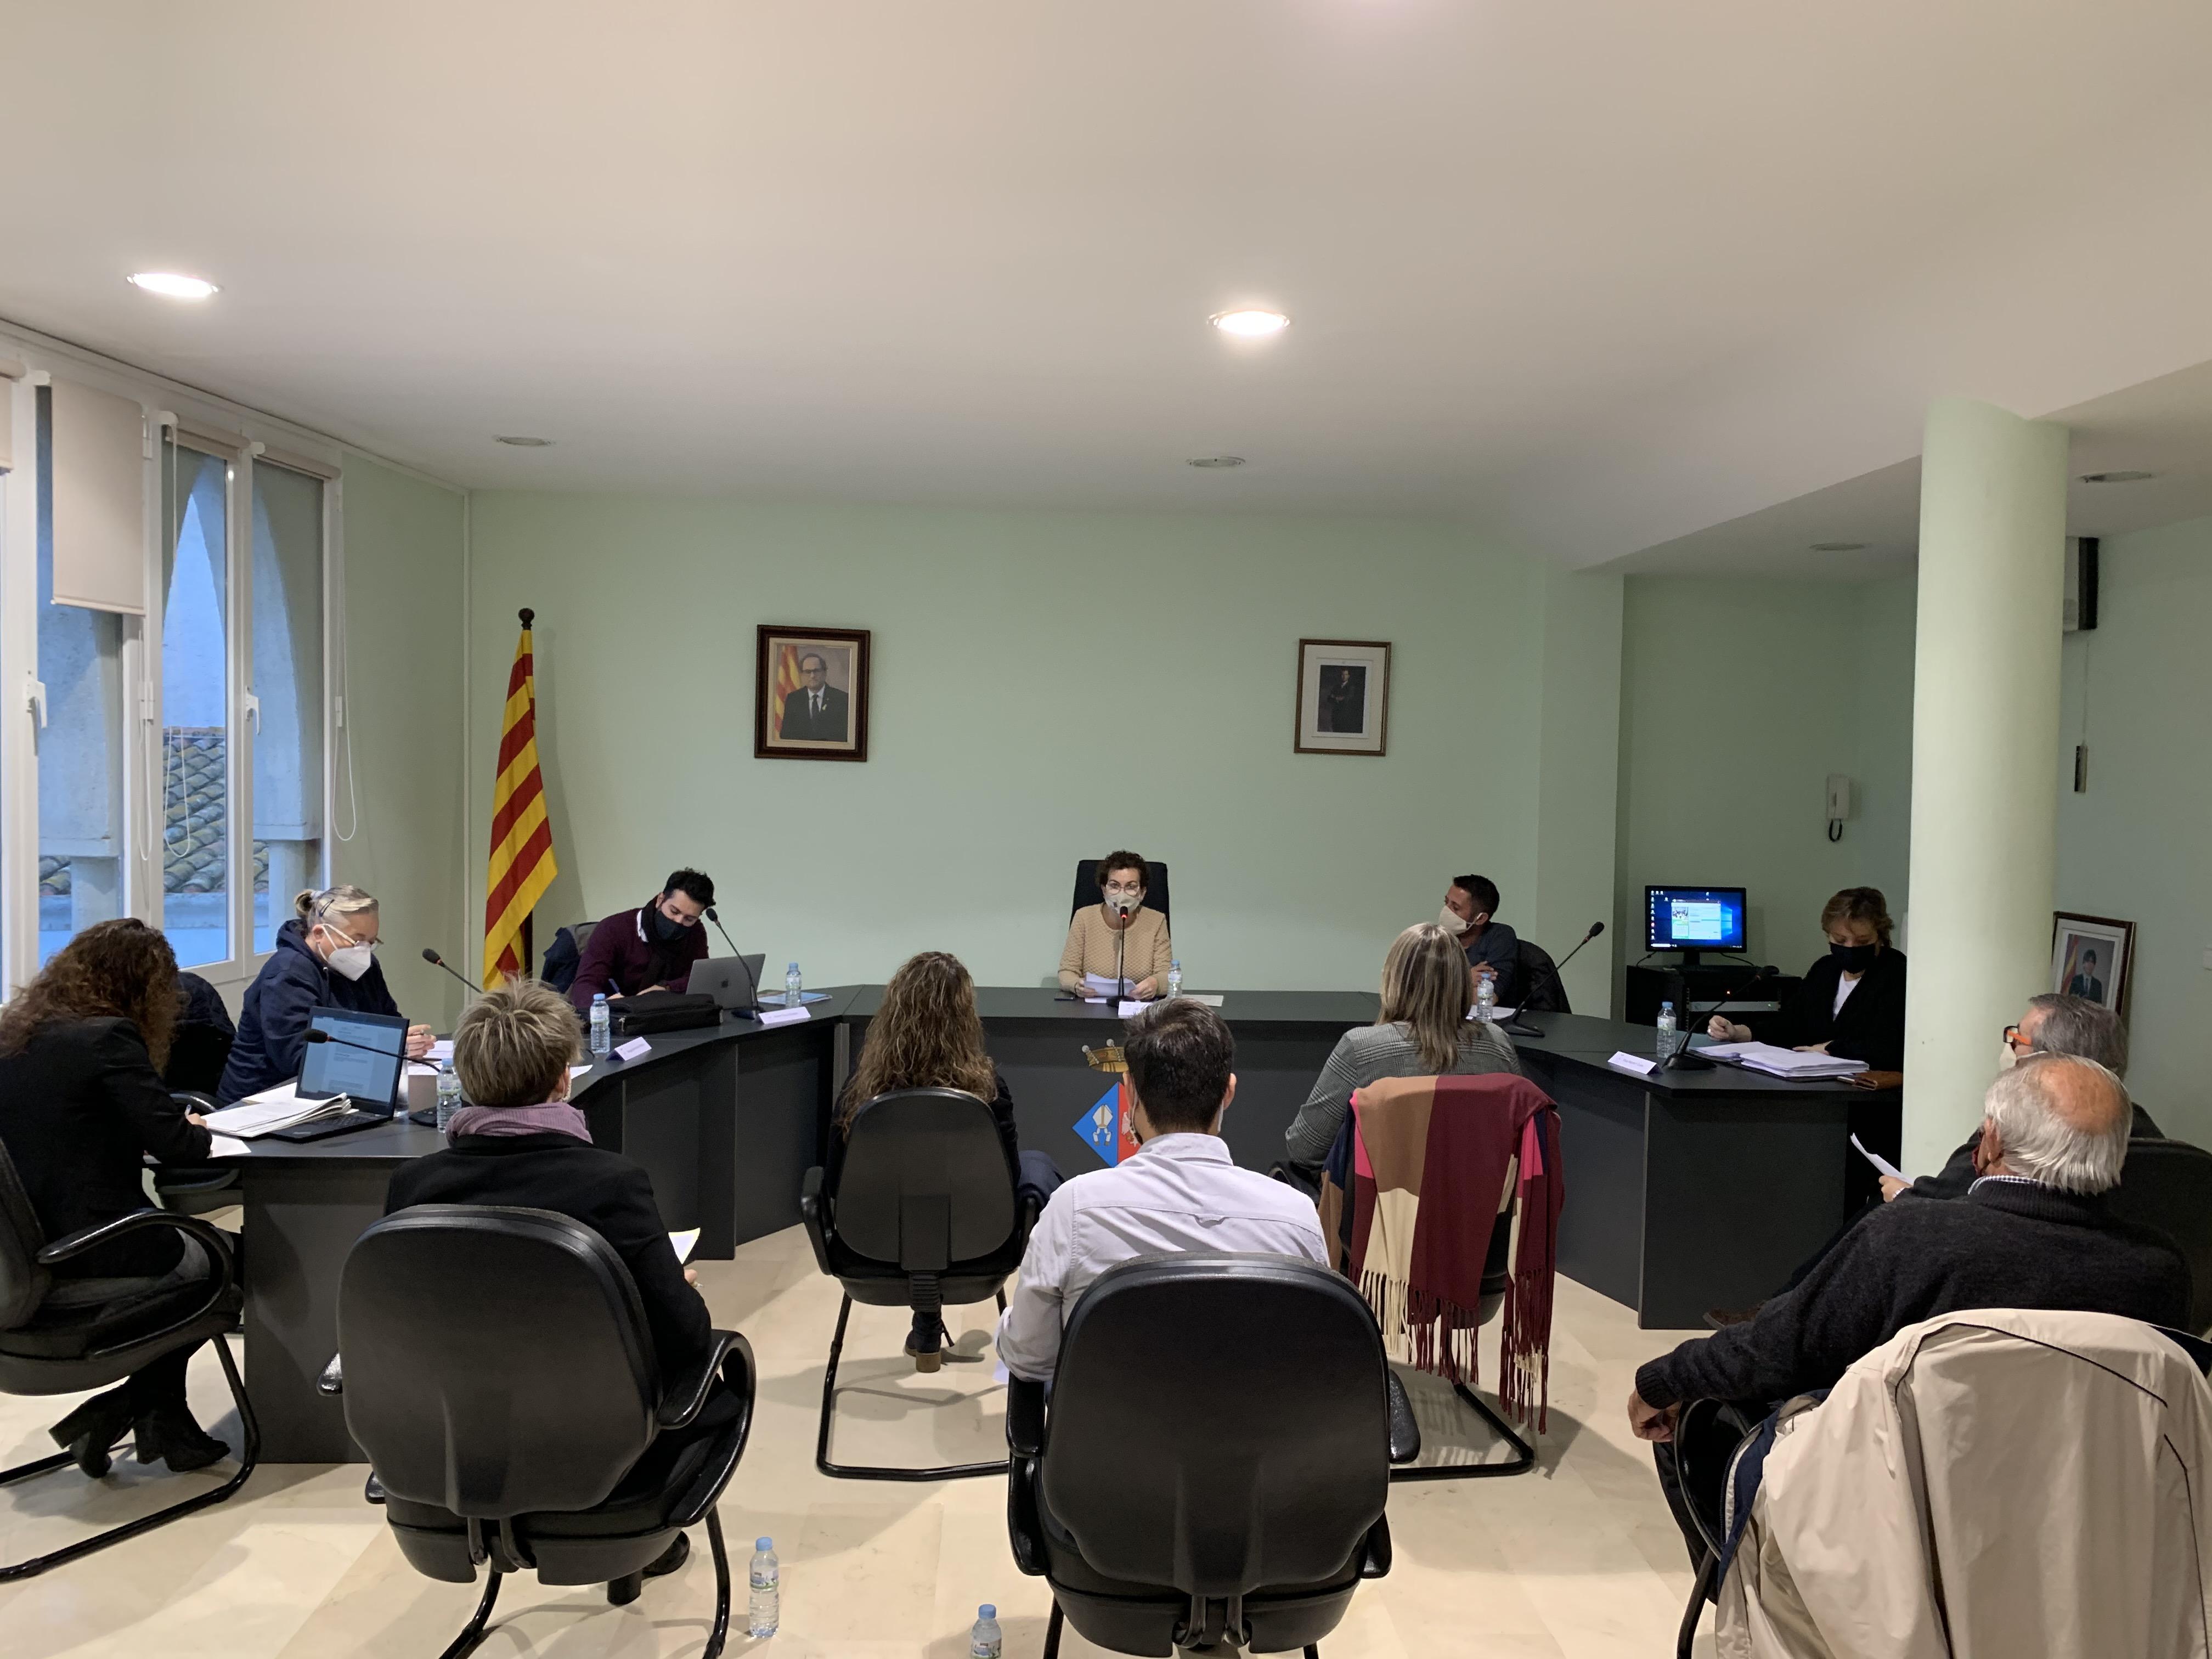 Aquest dimecres 25 de novembre de 2020 s'ha celebrat un Ple extraordinari a l'Ajuntament de la Bisbal del Penedès